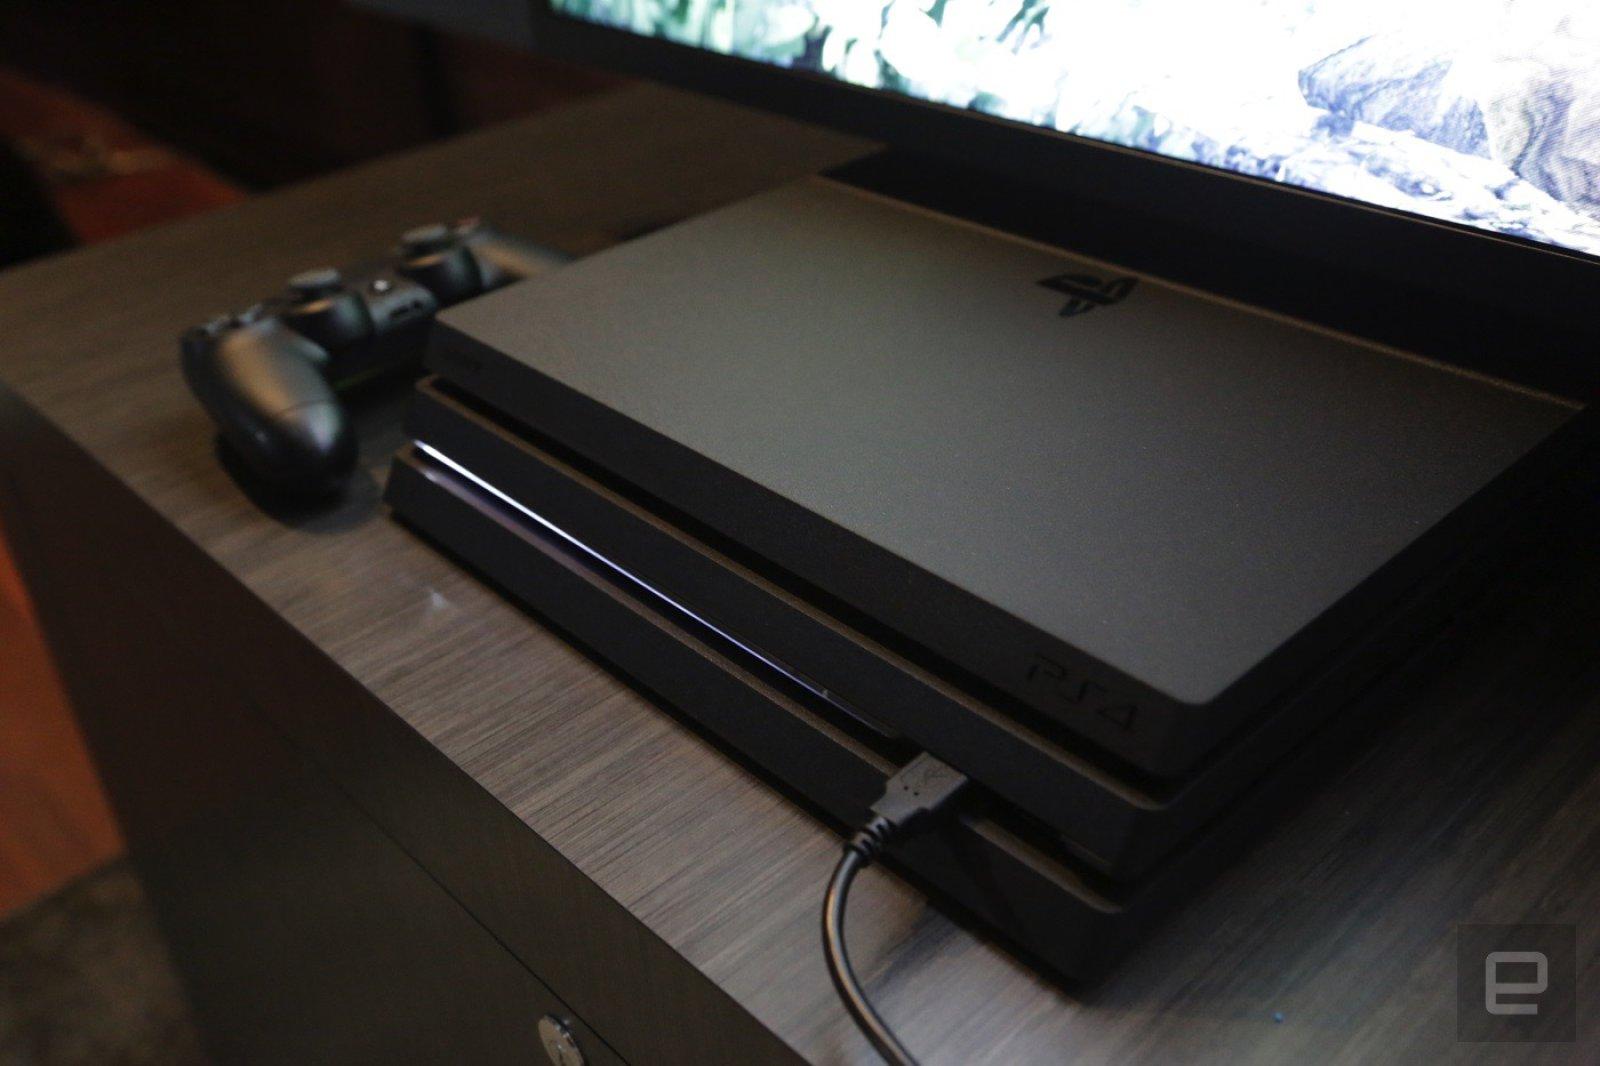 国行 PS4 Pro 已上架